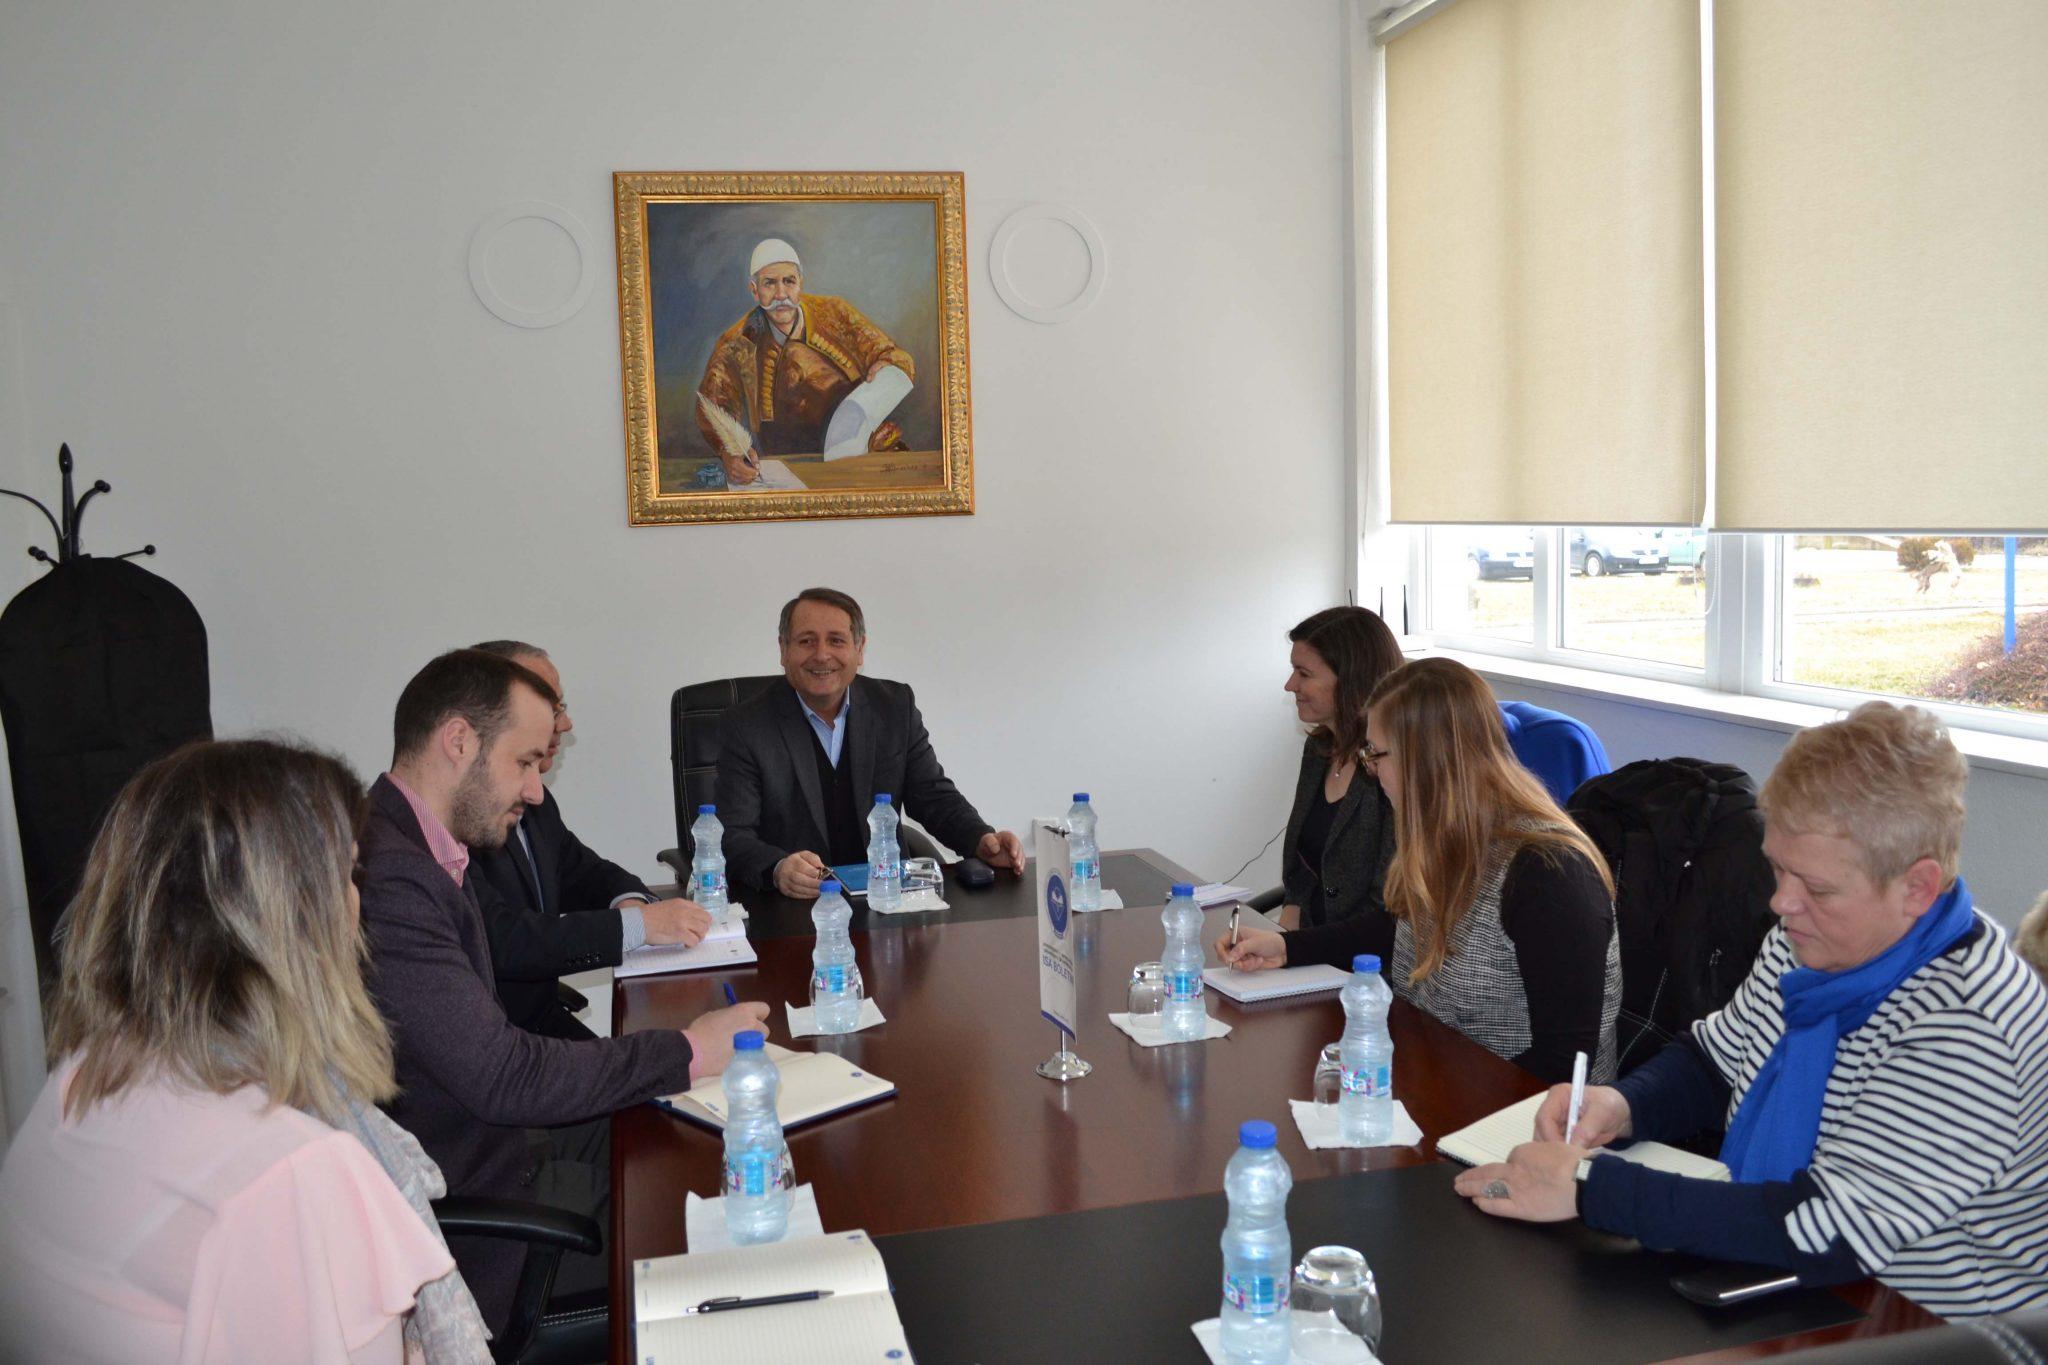 Vizitë Nga Një Delegacion I Ambasadës Amerikane (shkurt 2018)